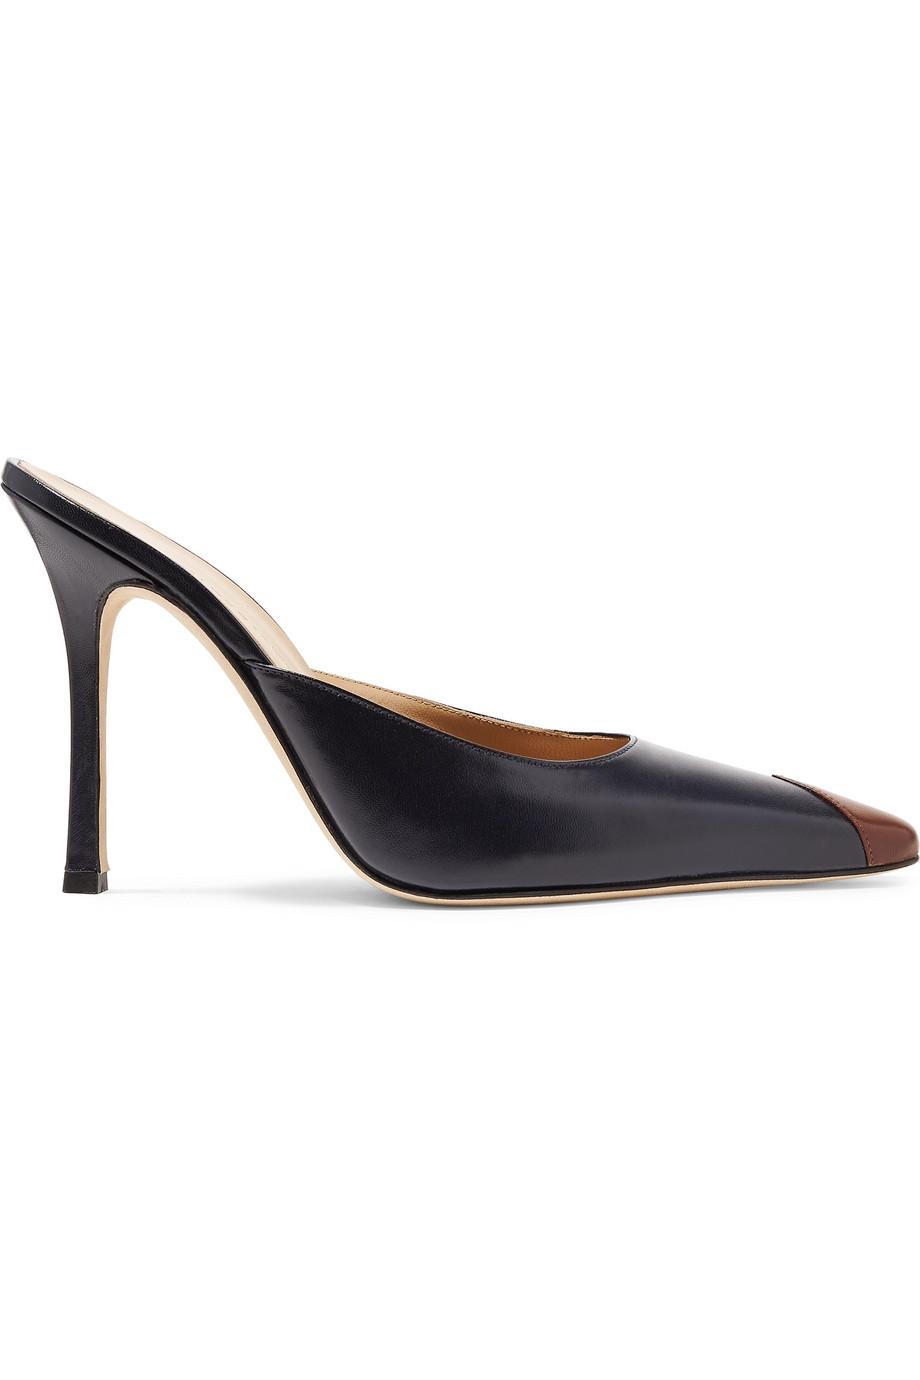 Alessandra Rich 双色皮革穆勒鞋